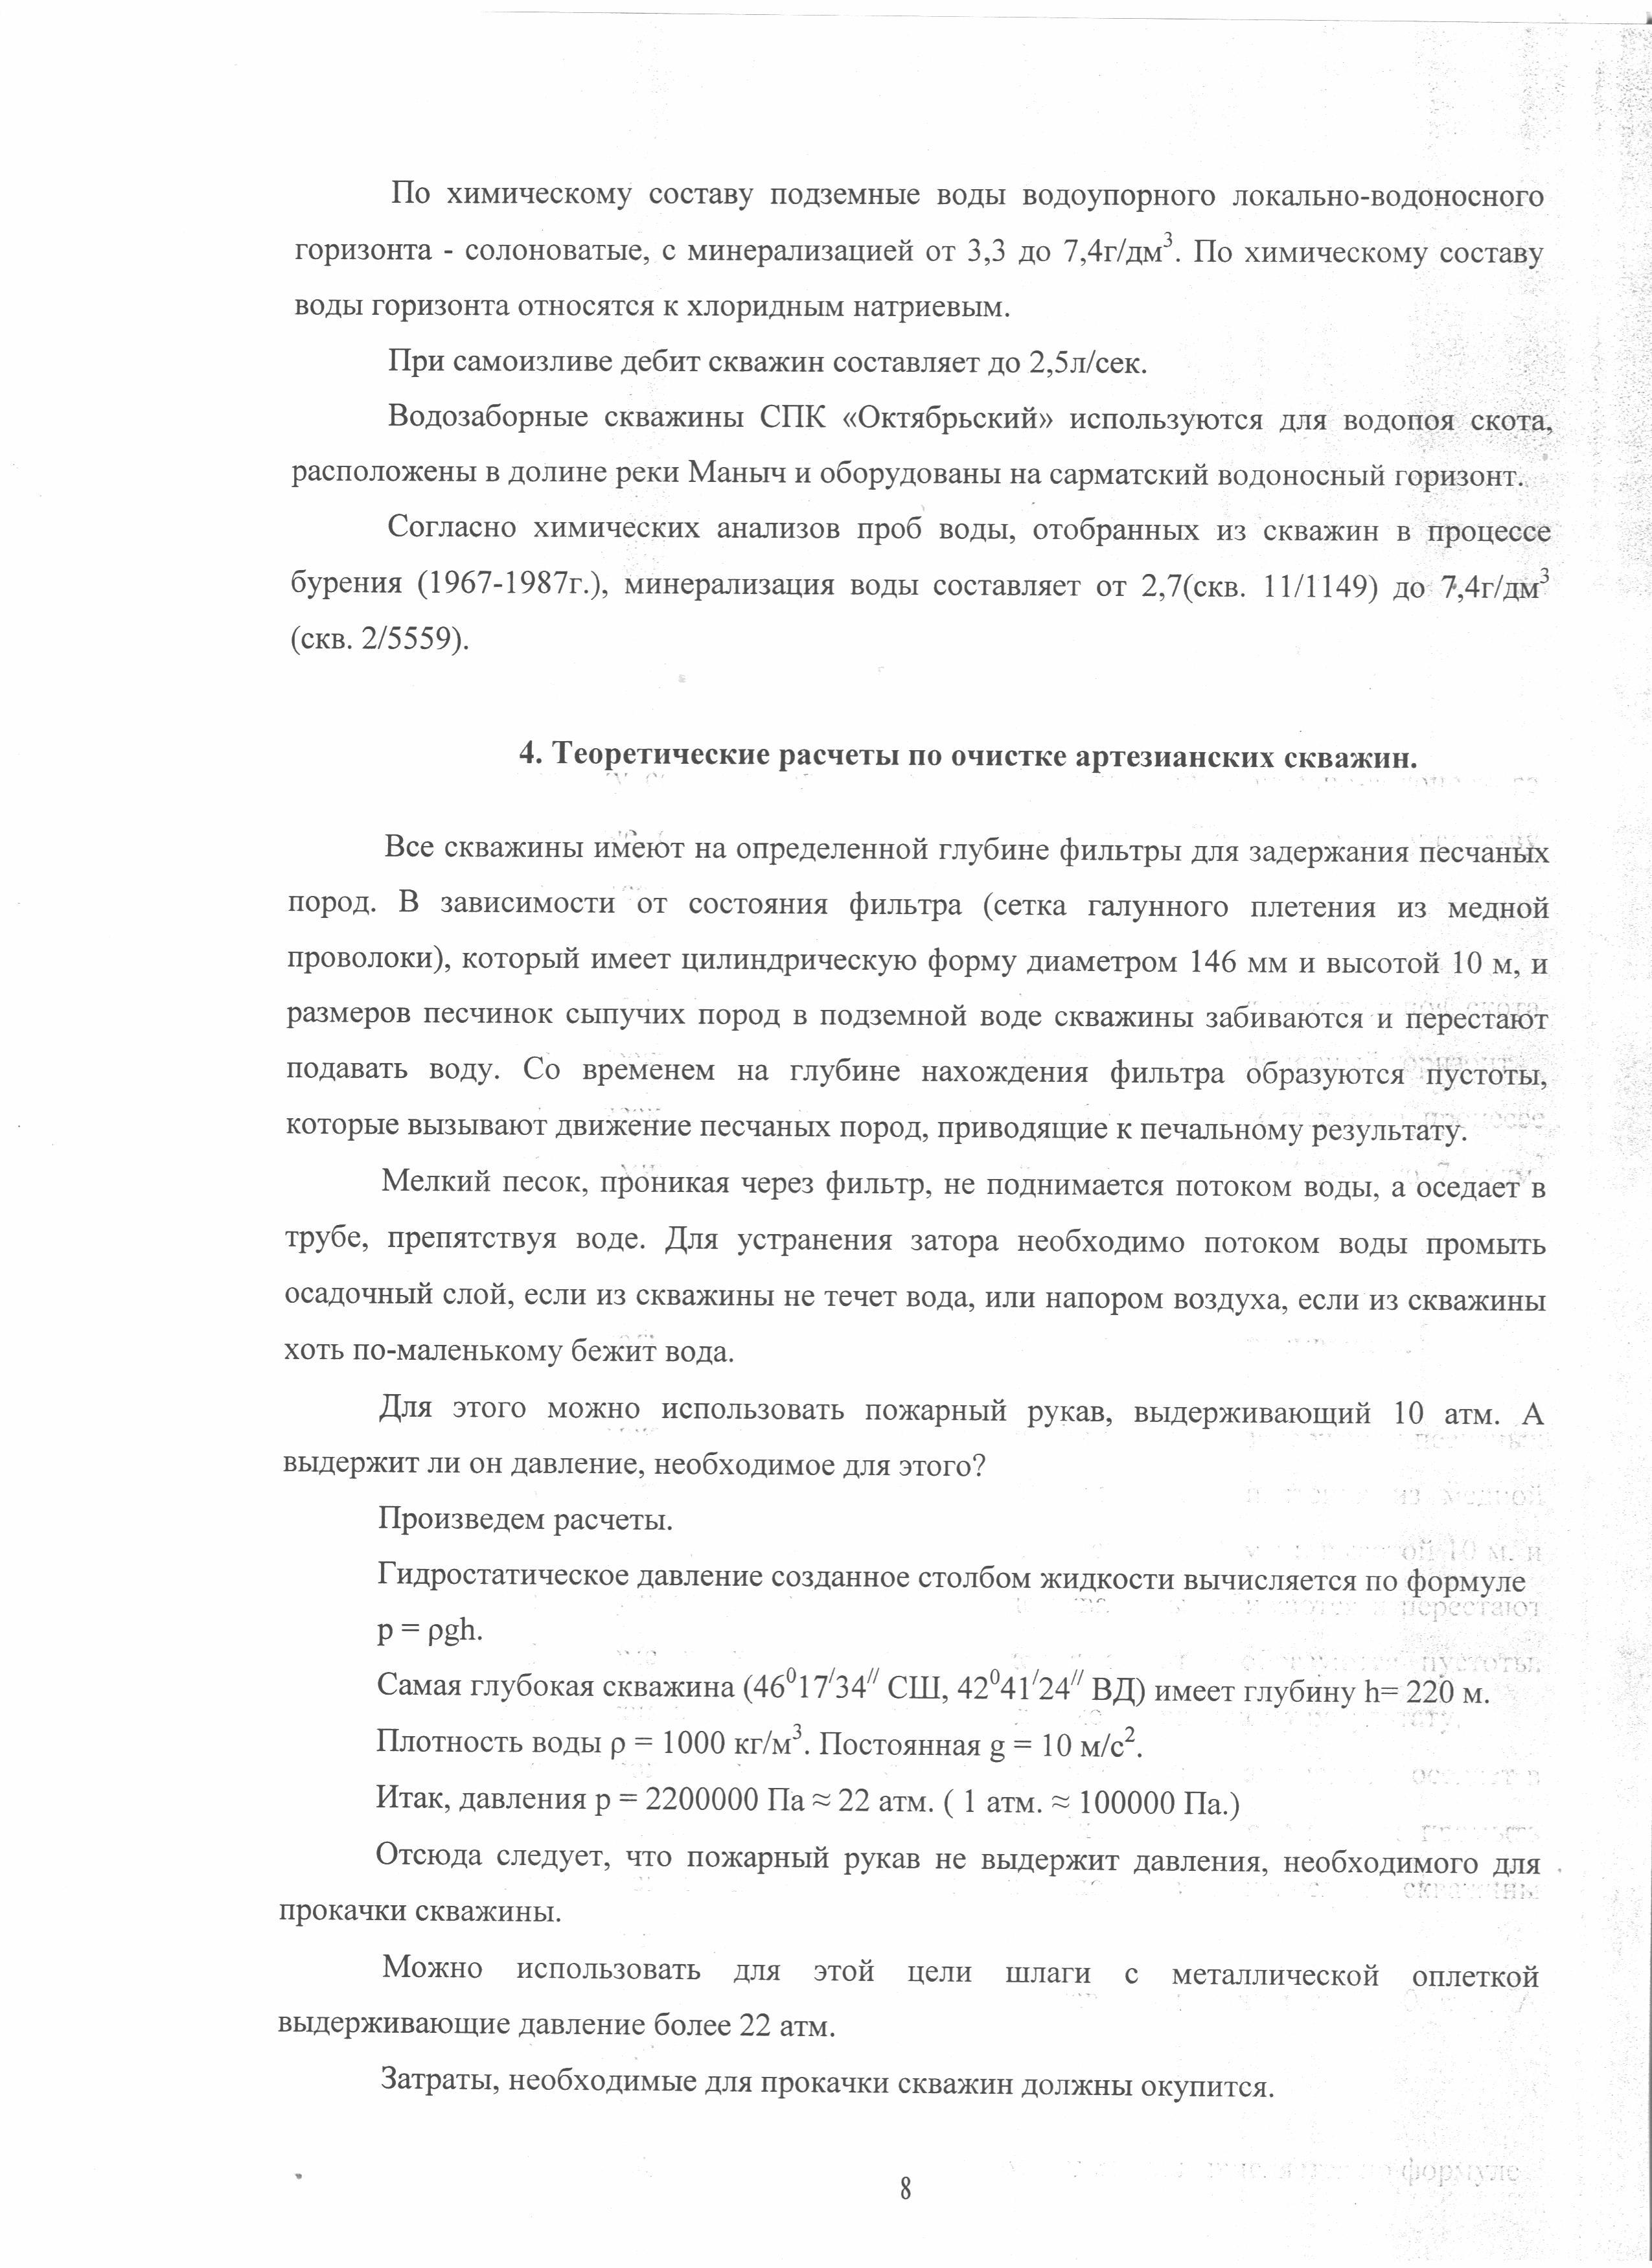 F:\диагностика\Сангаджиев В.Н\2015-09-28\033.tif